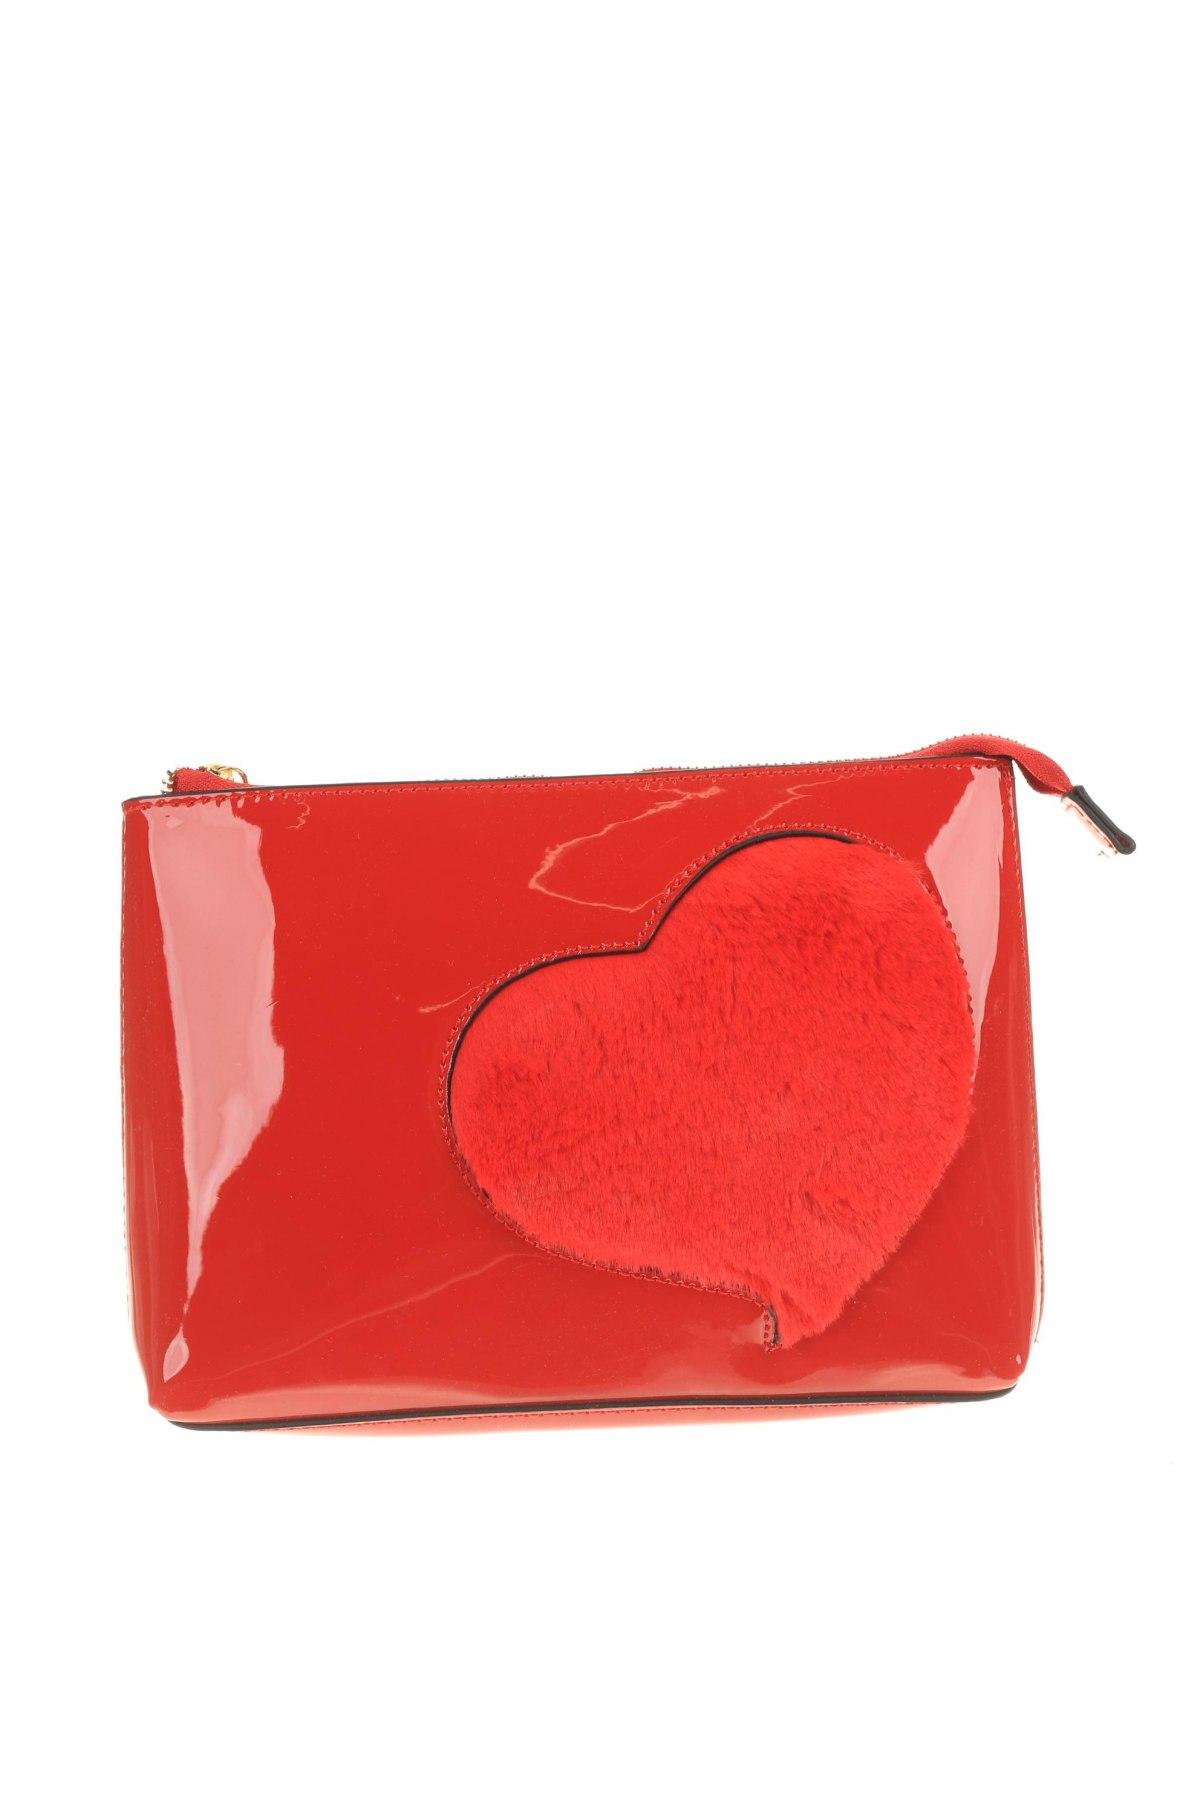 Дамска чанта Verde, Цвят Червен, Еко кожа, текстил, Цена 10,62лв.